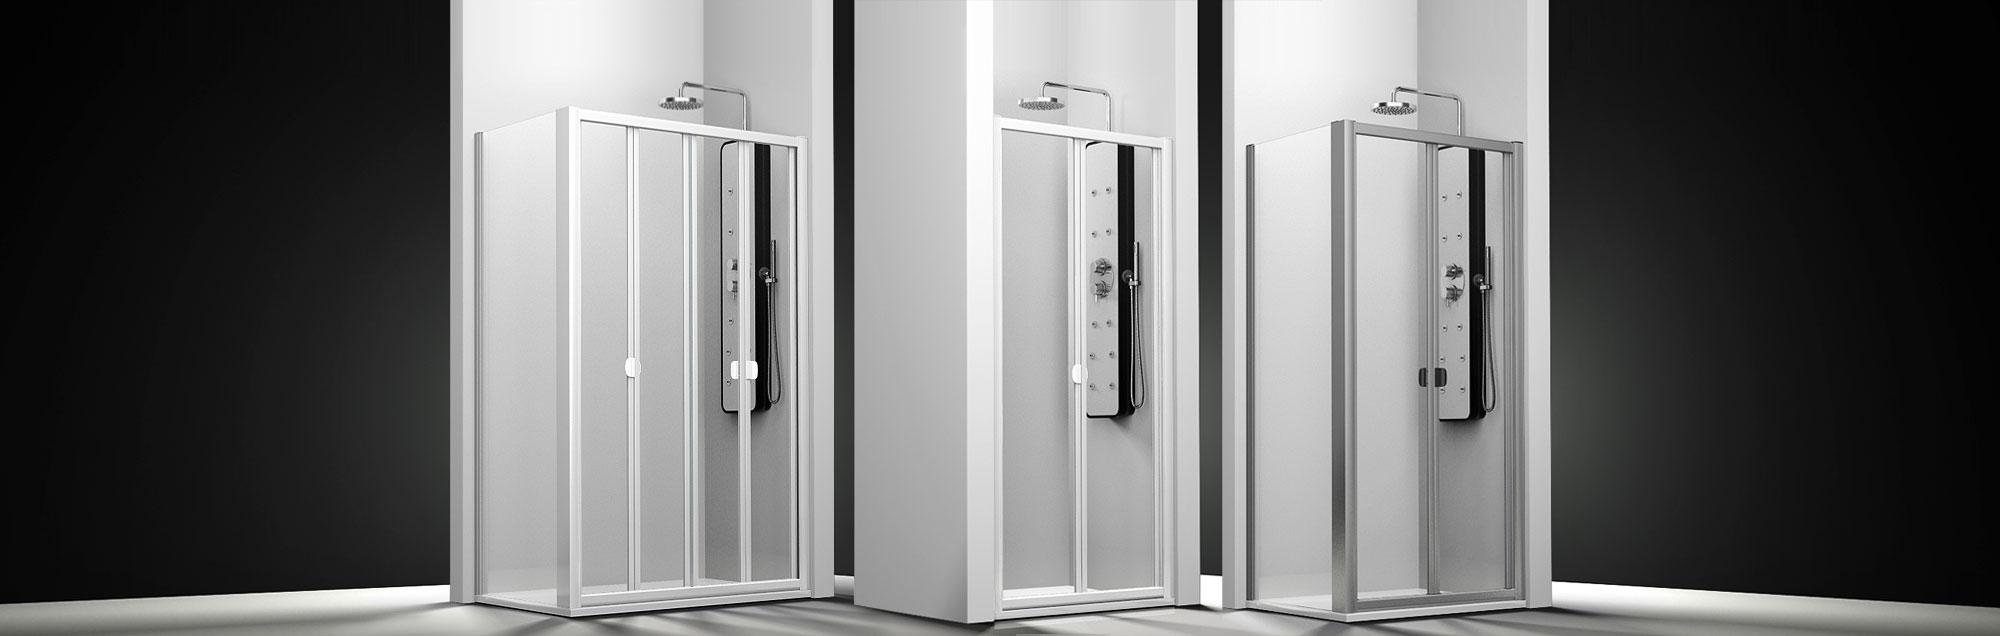 Serie Plegadux de mamparas plegables de ducha a medida